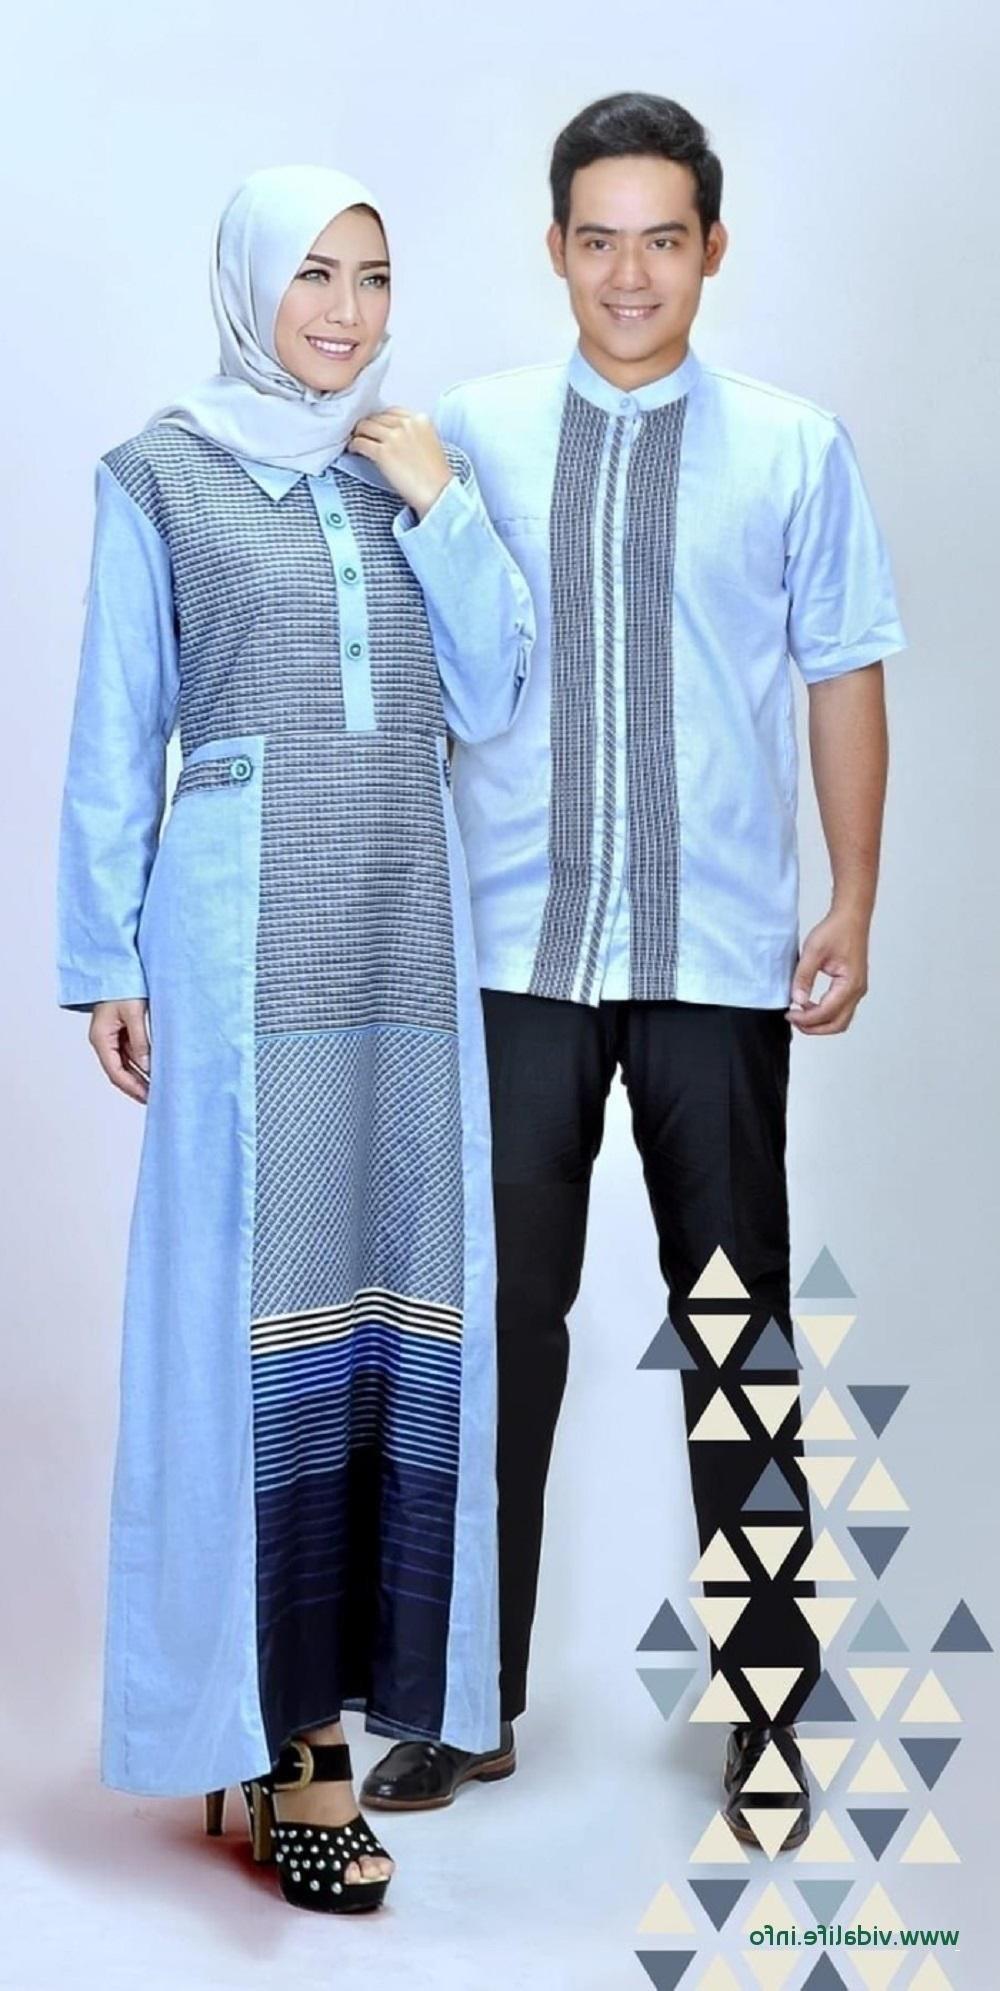 Ide Gamis Brokat Pernikahan U3dh Baju Lazada Inspiratif Harga Baju Gamis Nibras Gamis Brokat